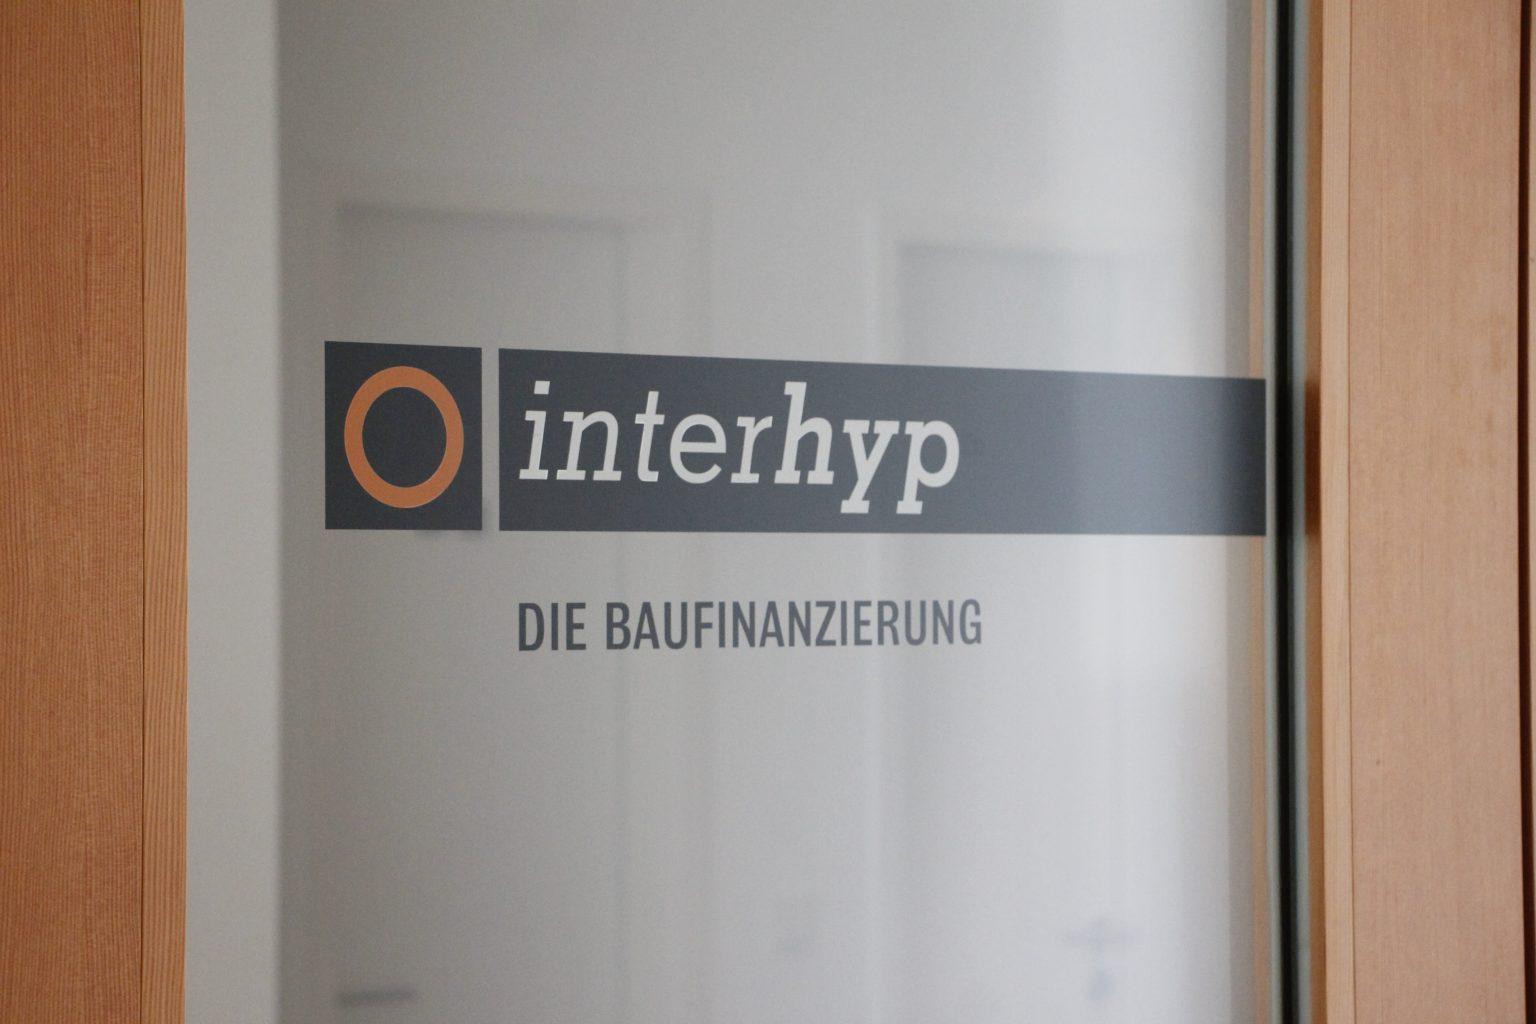 Interhyp Erfahrungsbericht